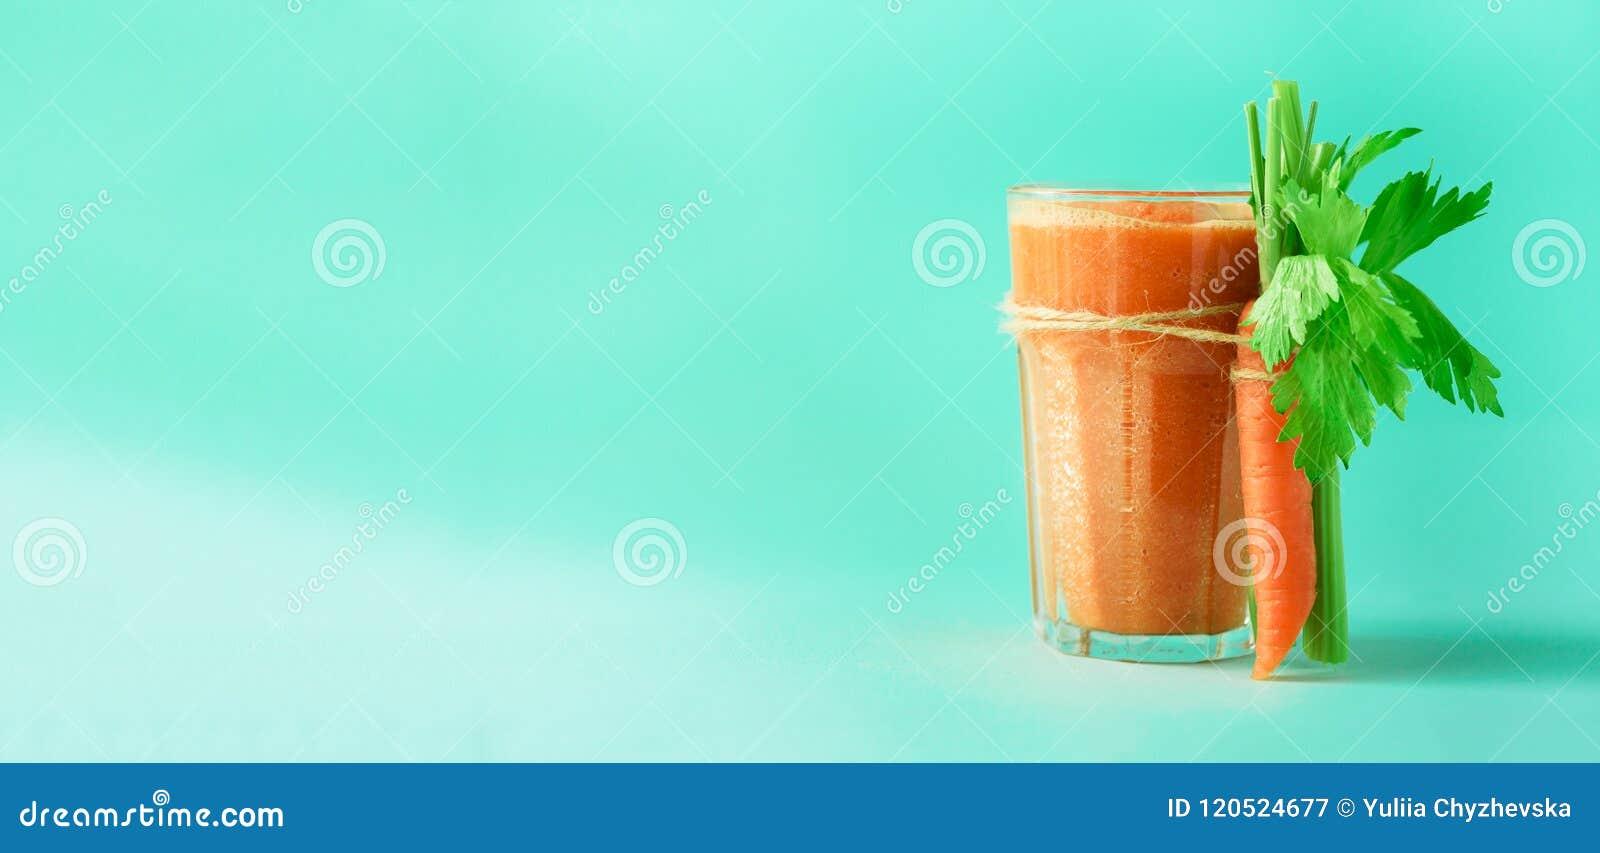 Οργανικός χυμός καρότων με τα καρότα, σέλινο στο μπλε υπόβαθρο Smothie φρέσκων λαχανικών στο γυαλί απαγορευμένα διάστημα αντιγράφ